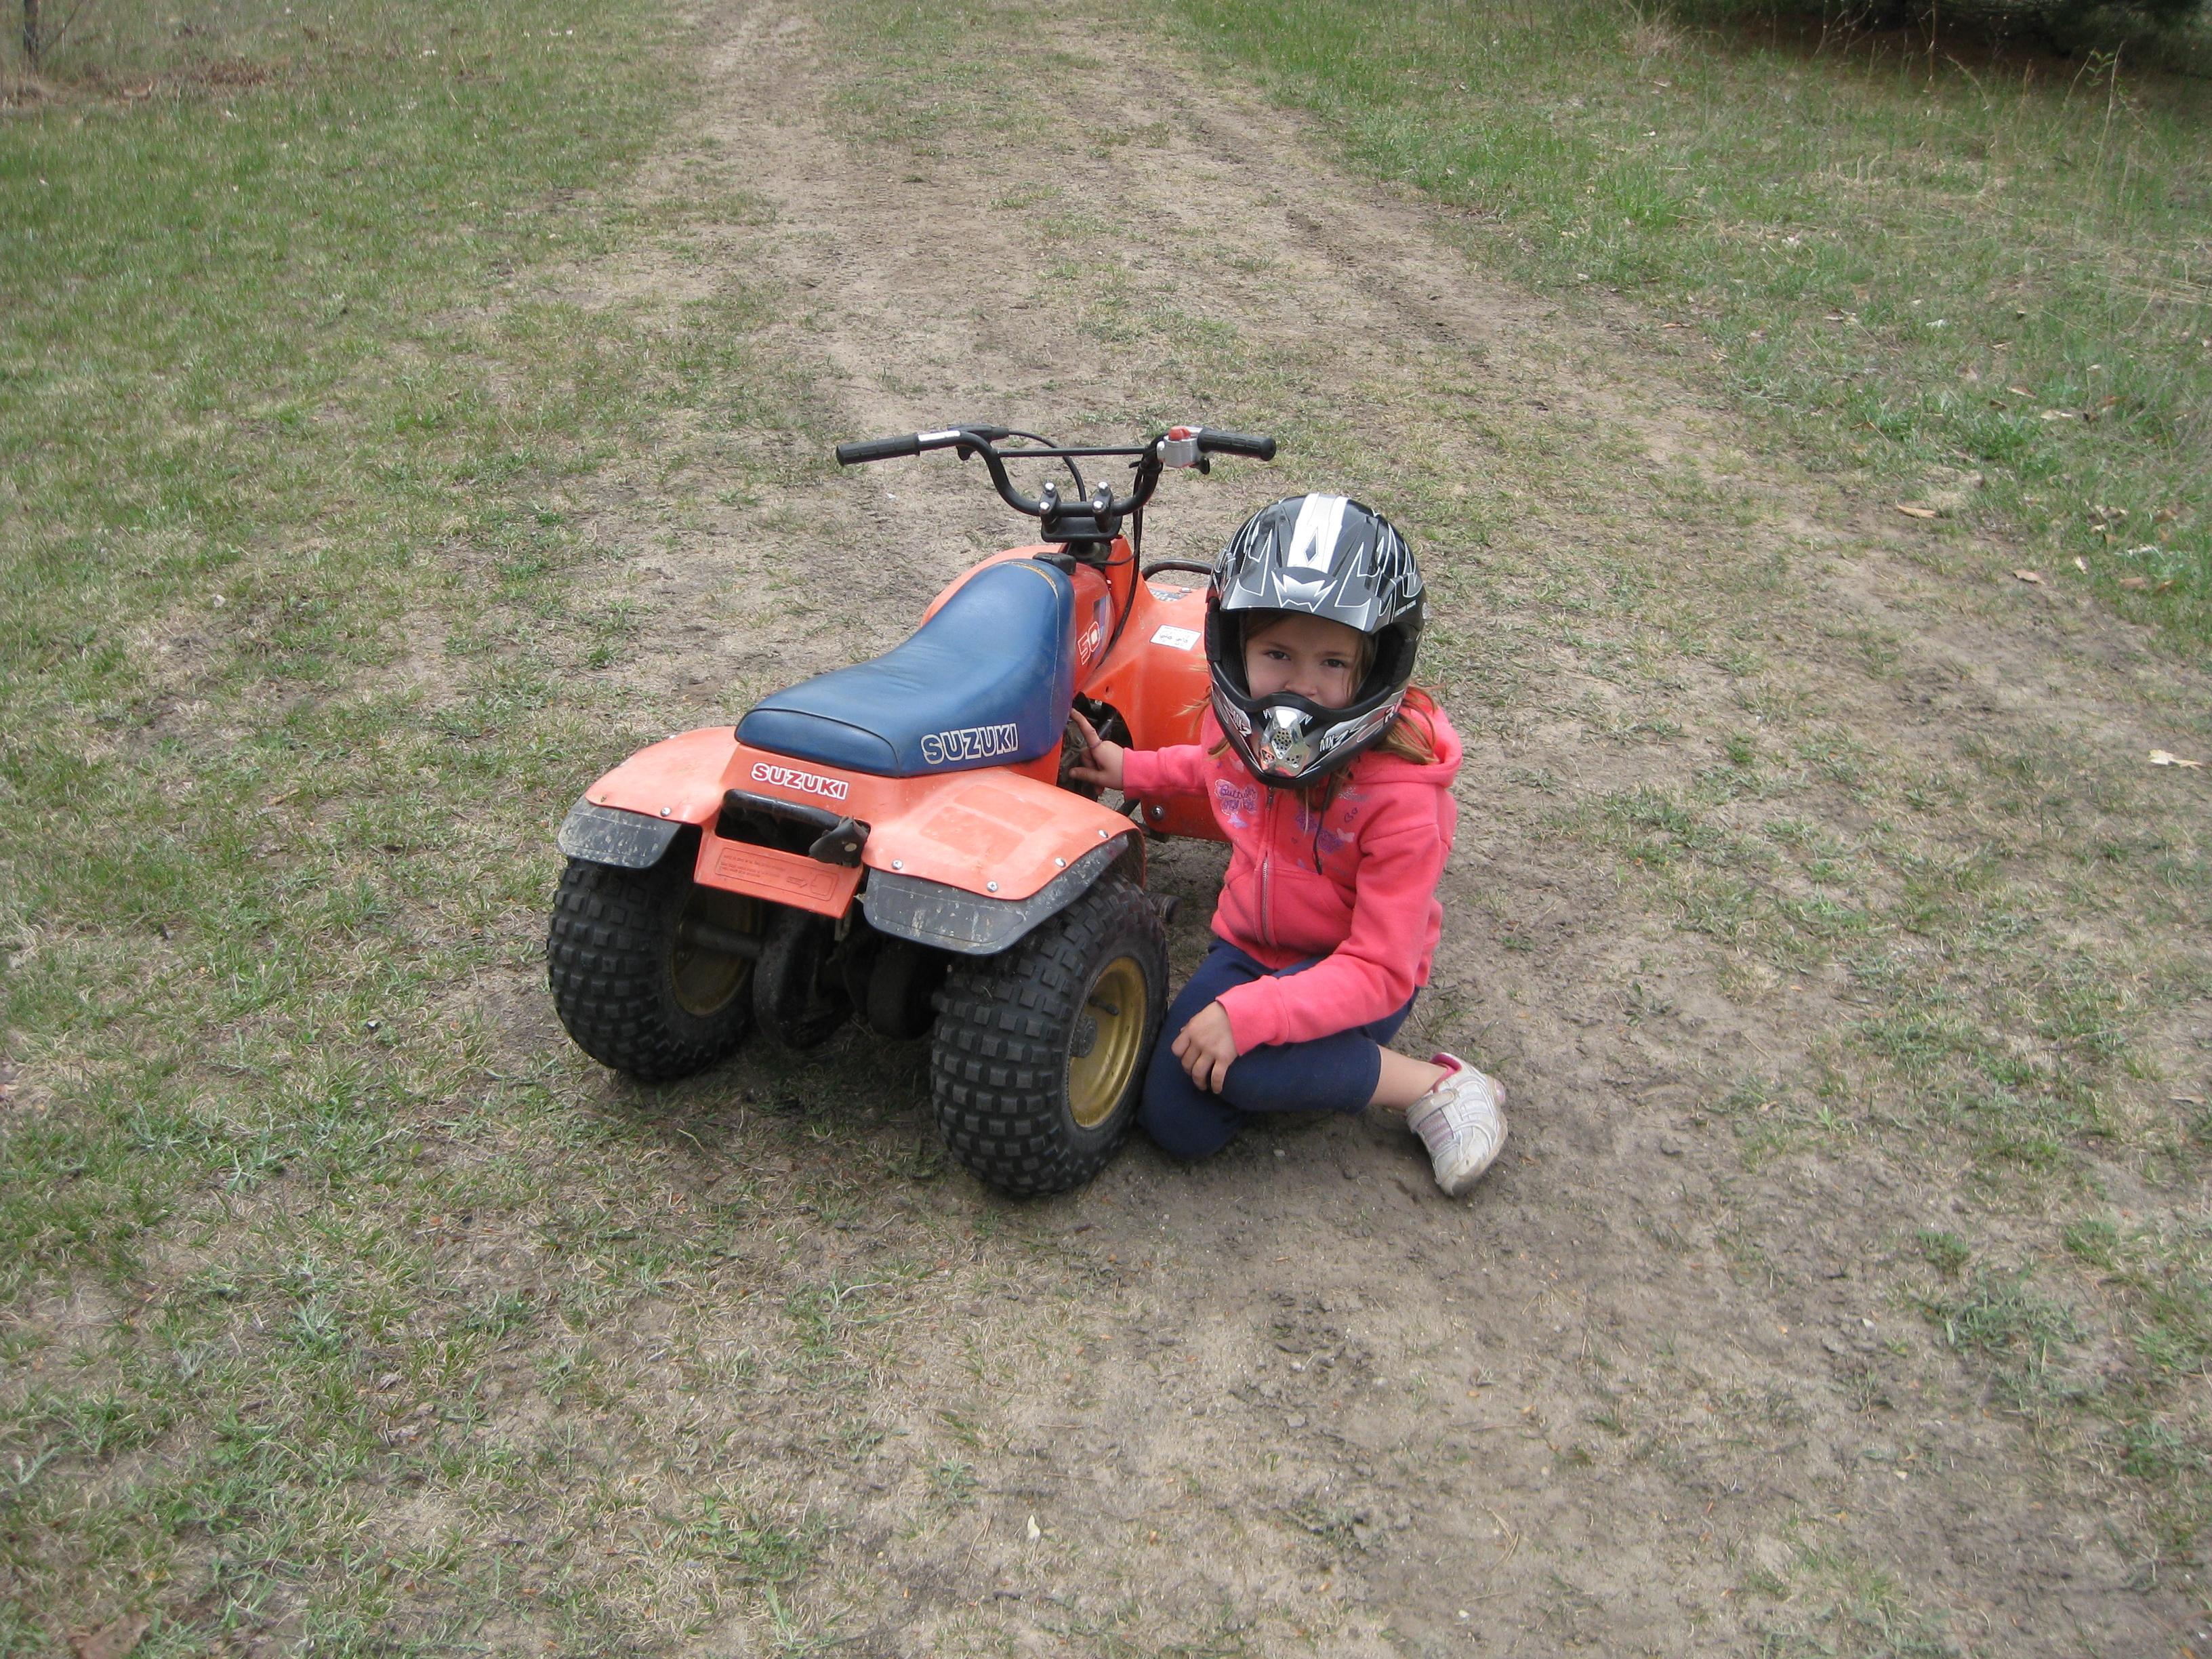 My baby girl riding her 1983 Suzuki Quad. Wolverine, MI 2012